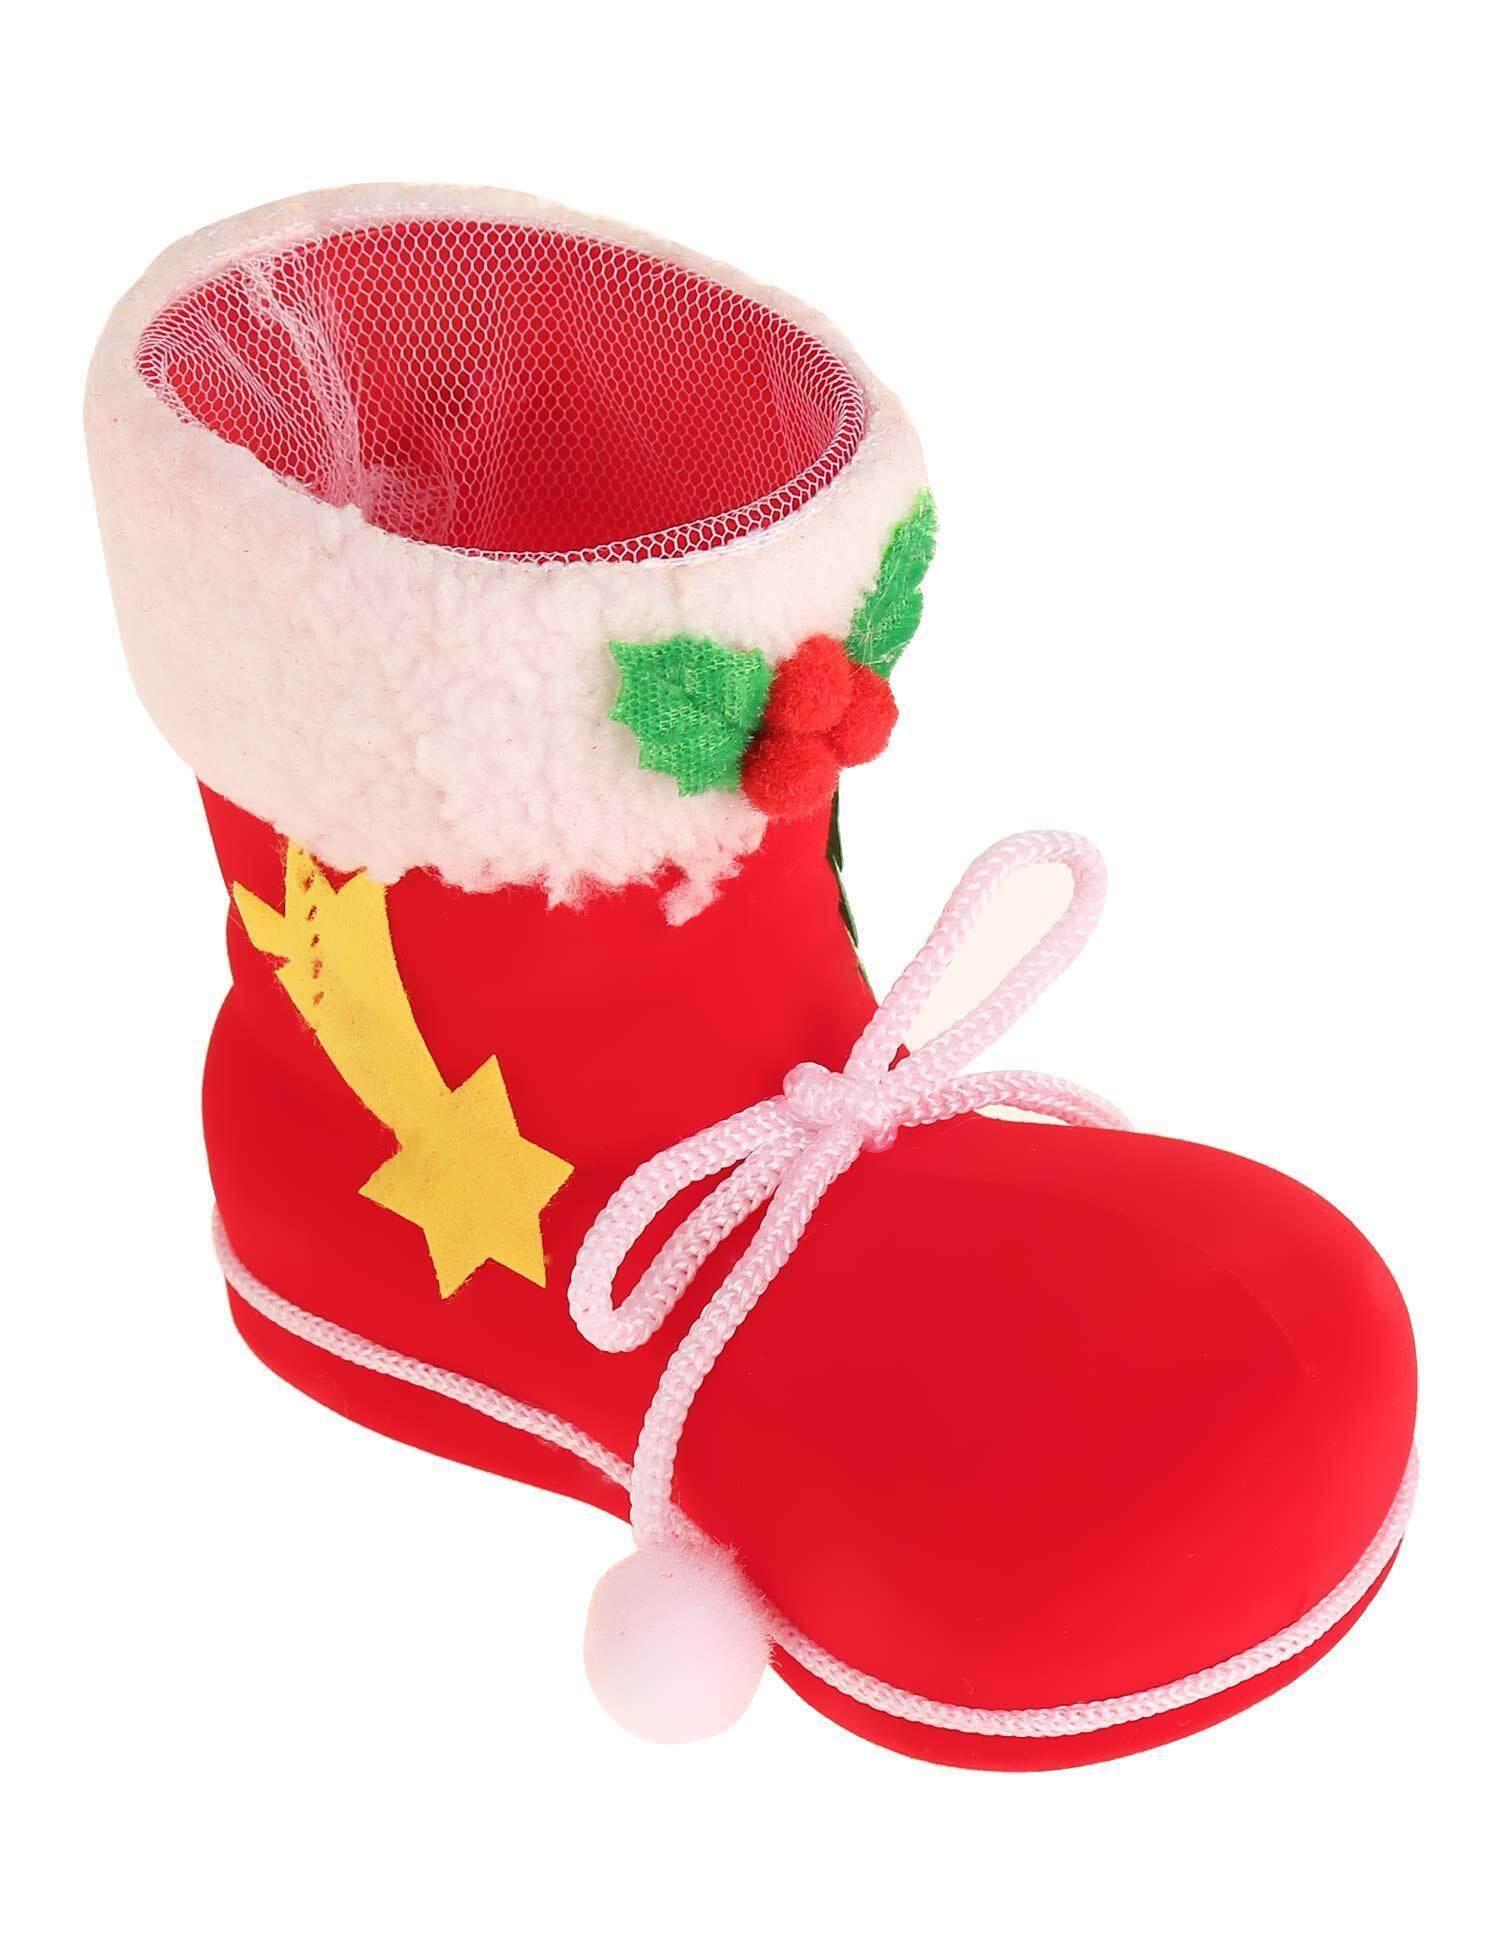 Linemart Topsellers365 Sepatu Bot Permen Kumpulan Kaos Kaki Hadiah Natal Pohon Natal Tas Dekorasi Ruangan Anak-anak Santa Baru (...)-Intl